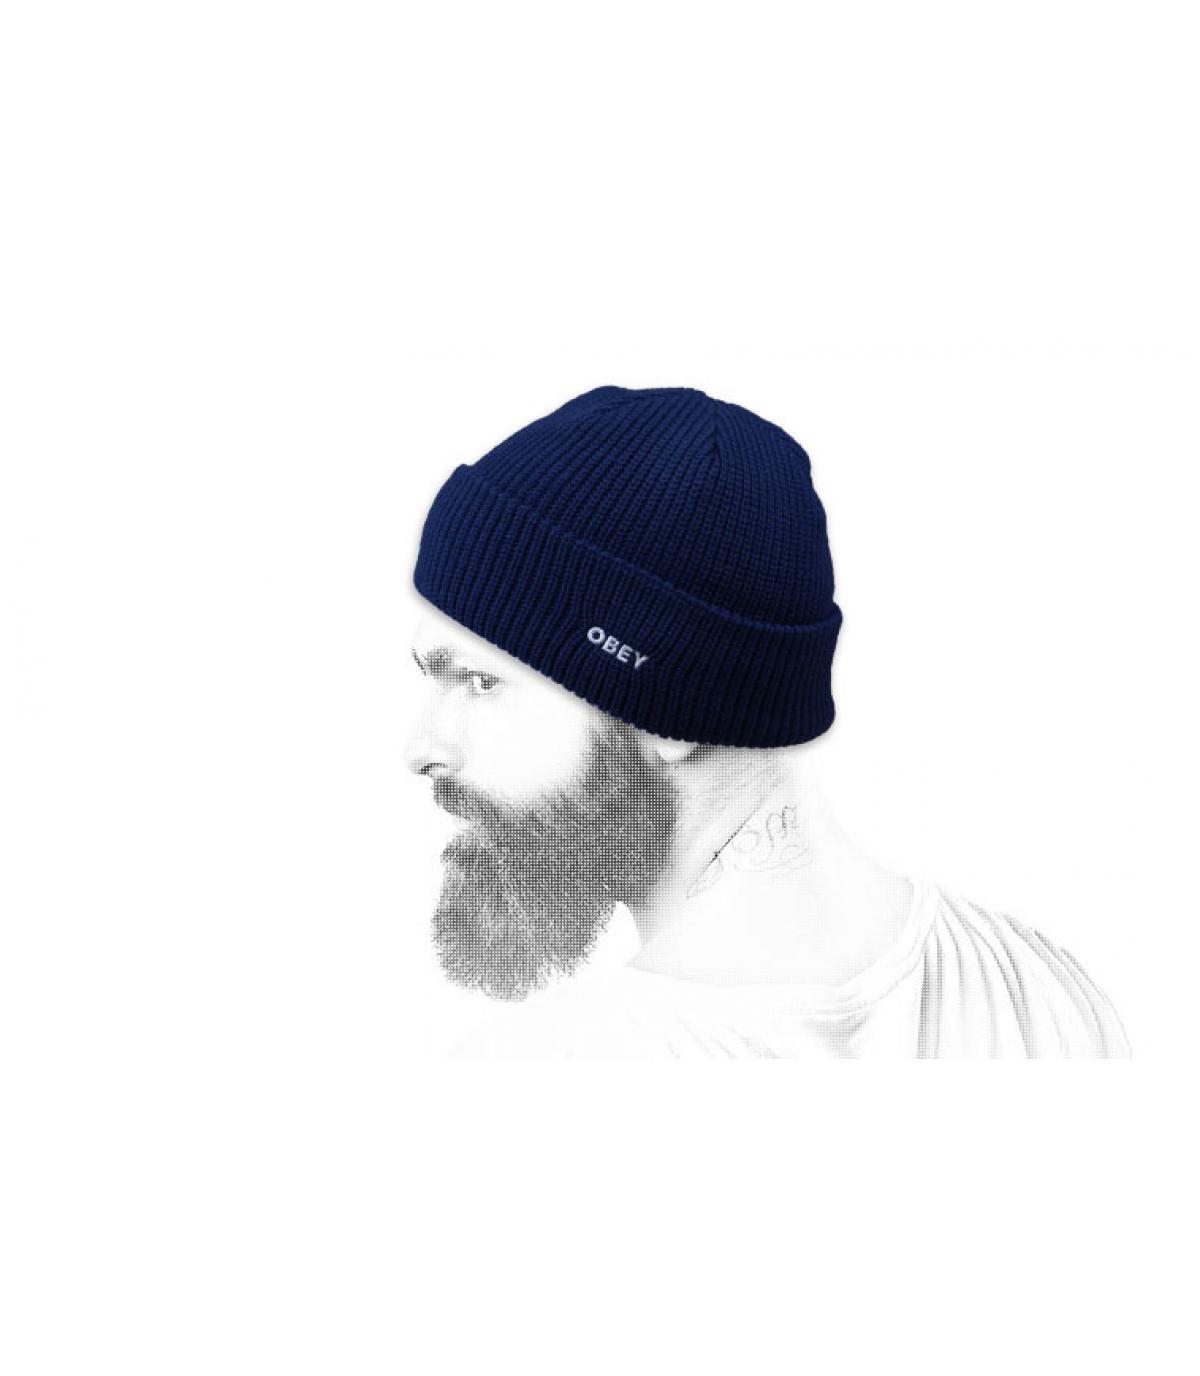 navy blue cuffed beanie Obey